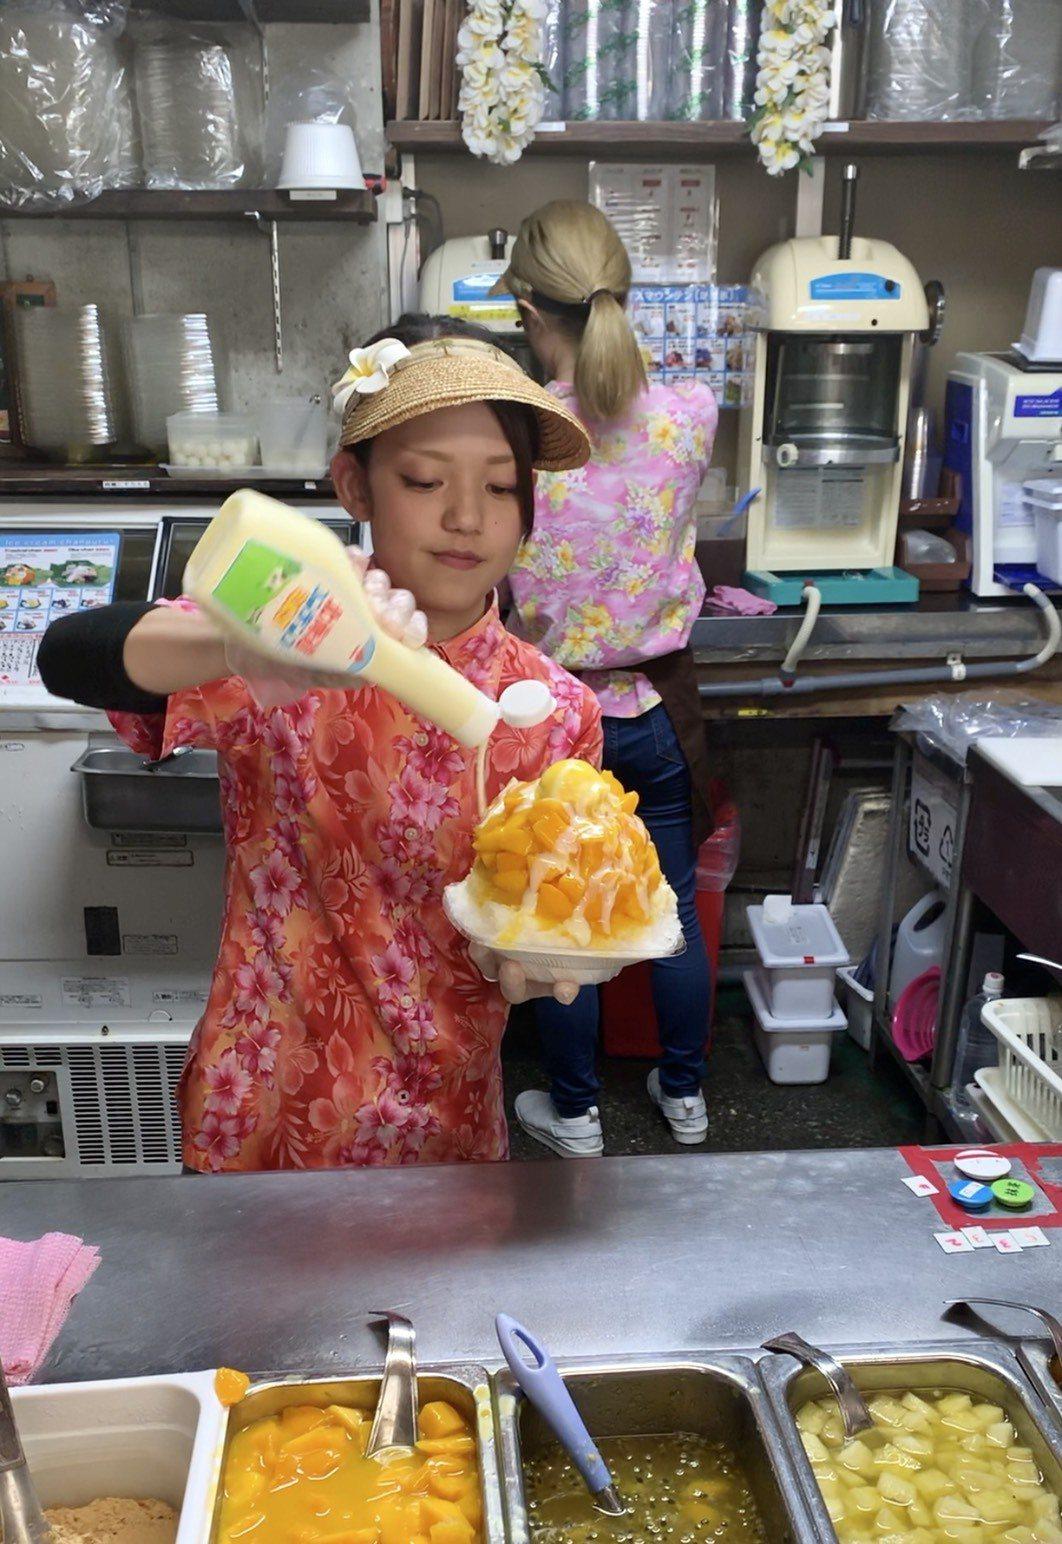 濃濃沖繩風情的花襯衫店員,淋著甜滋滋的煉乳,是恩納之驛休憩市場的美麗風景。 圖/...